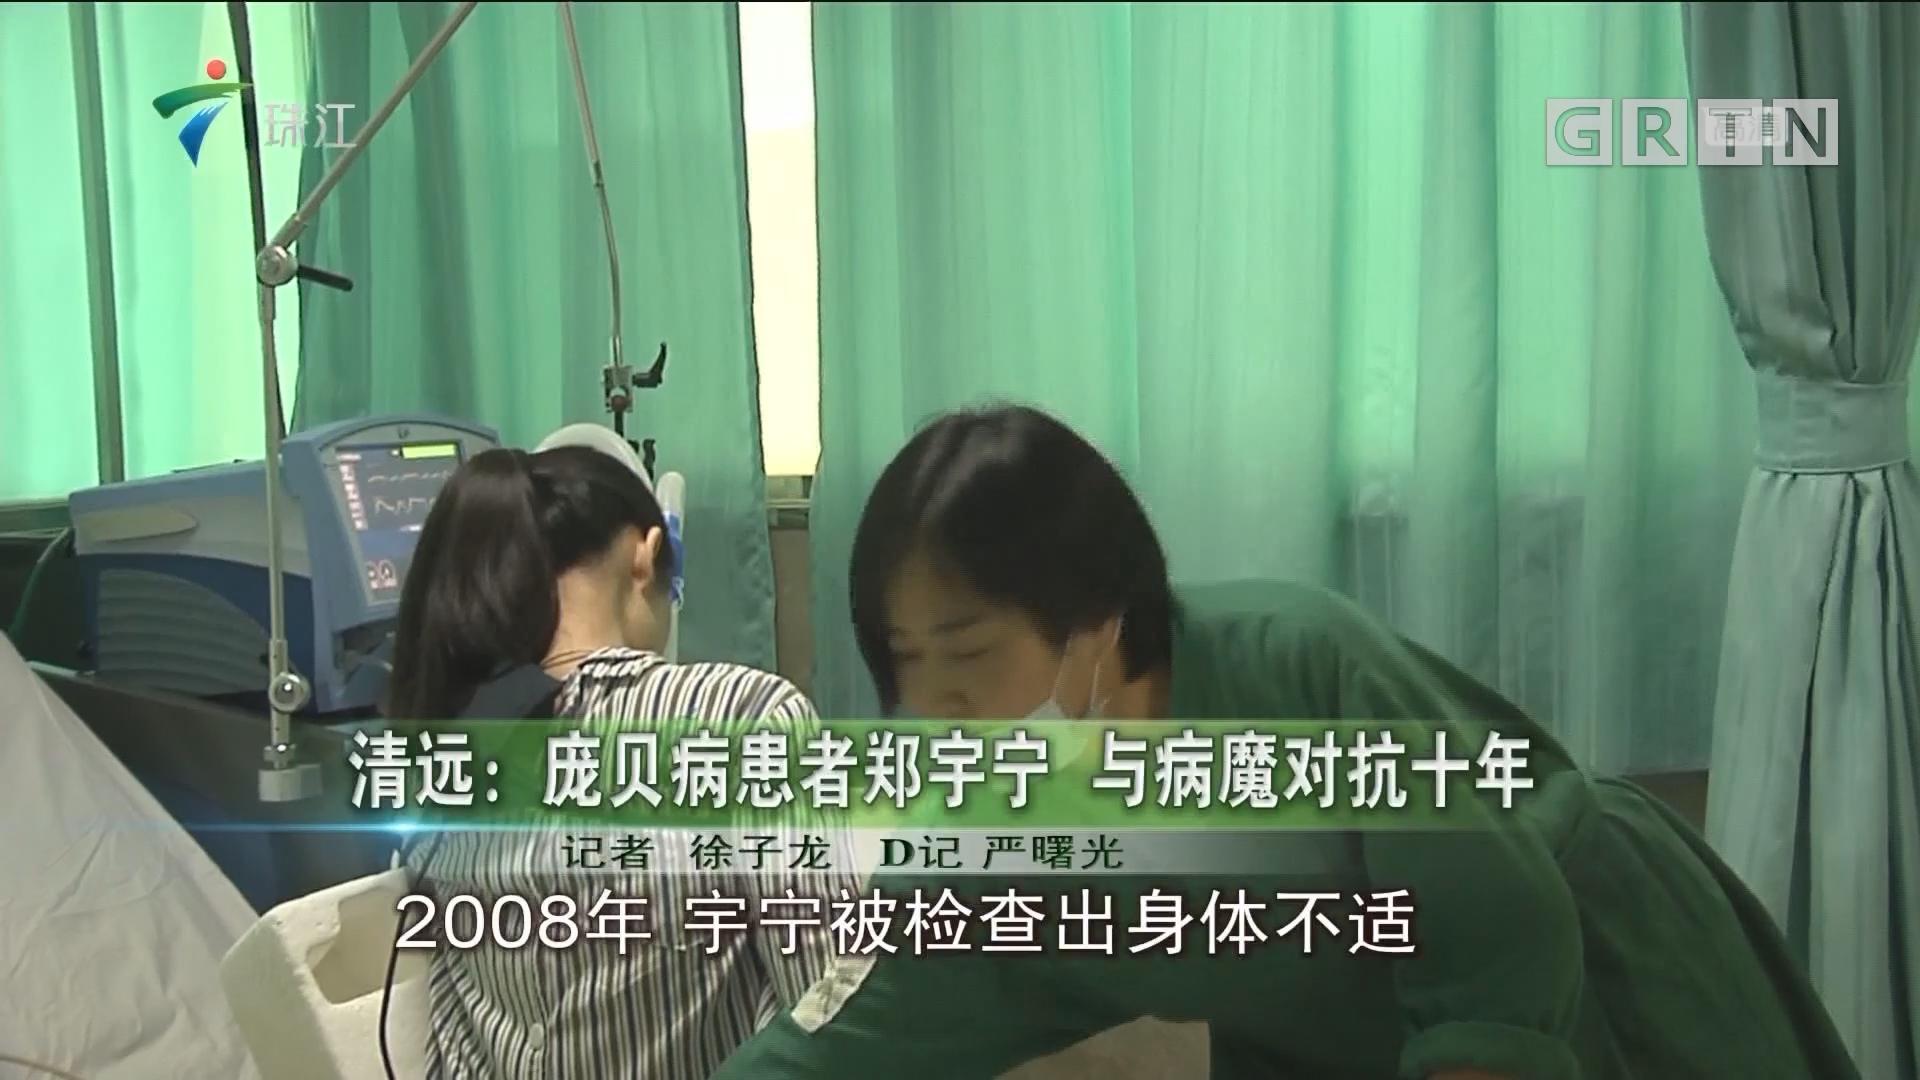 清远:庞贝病患者郑宇宁 与病魔对抗十年